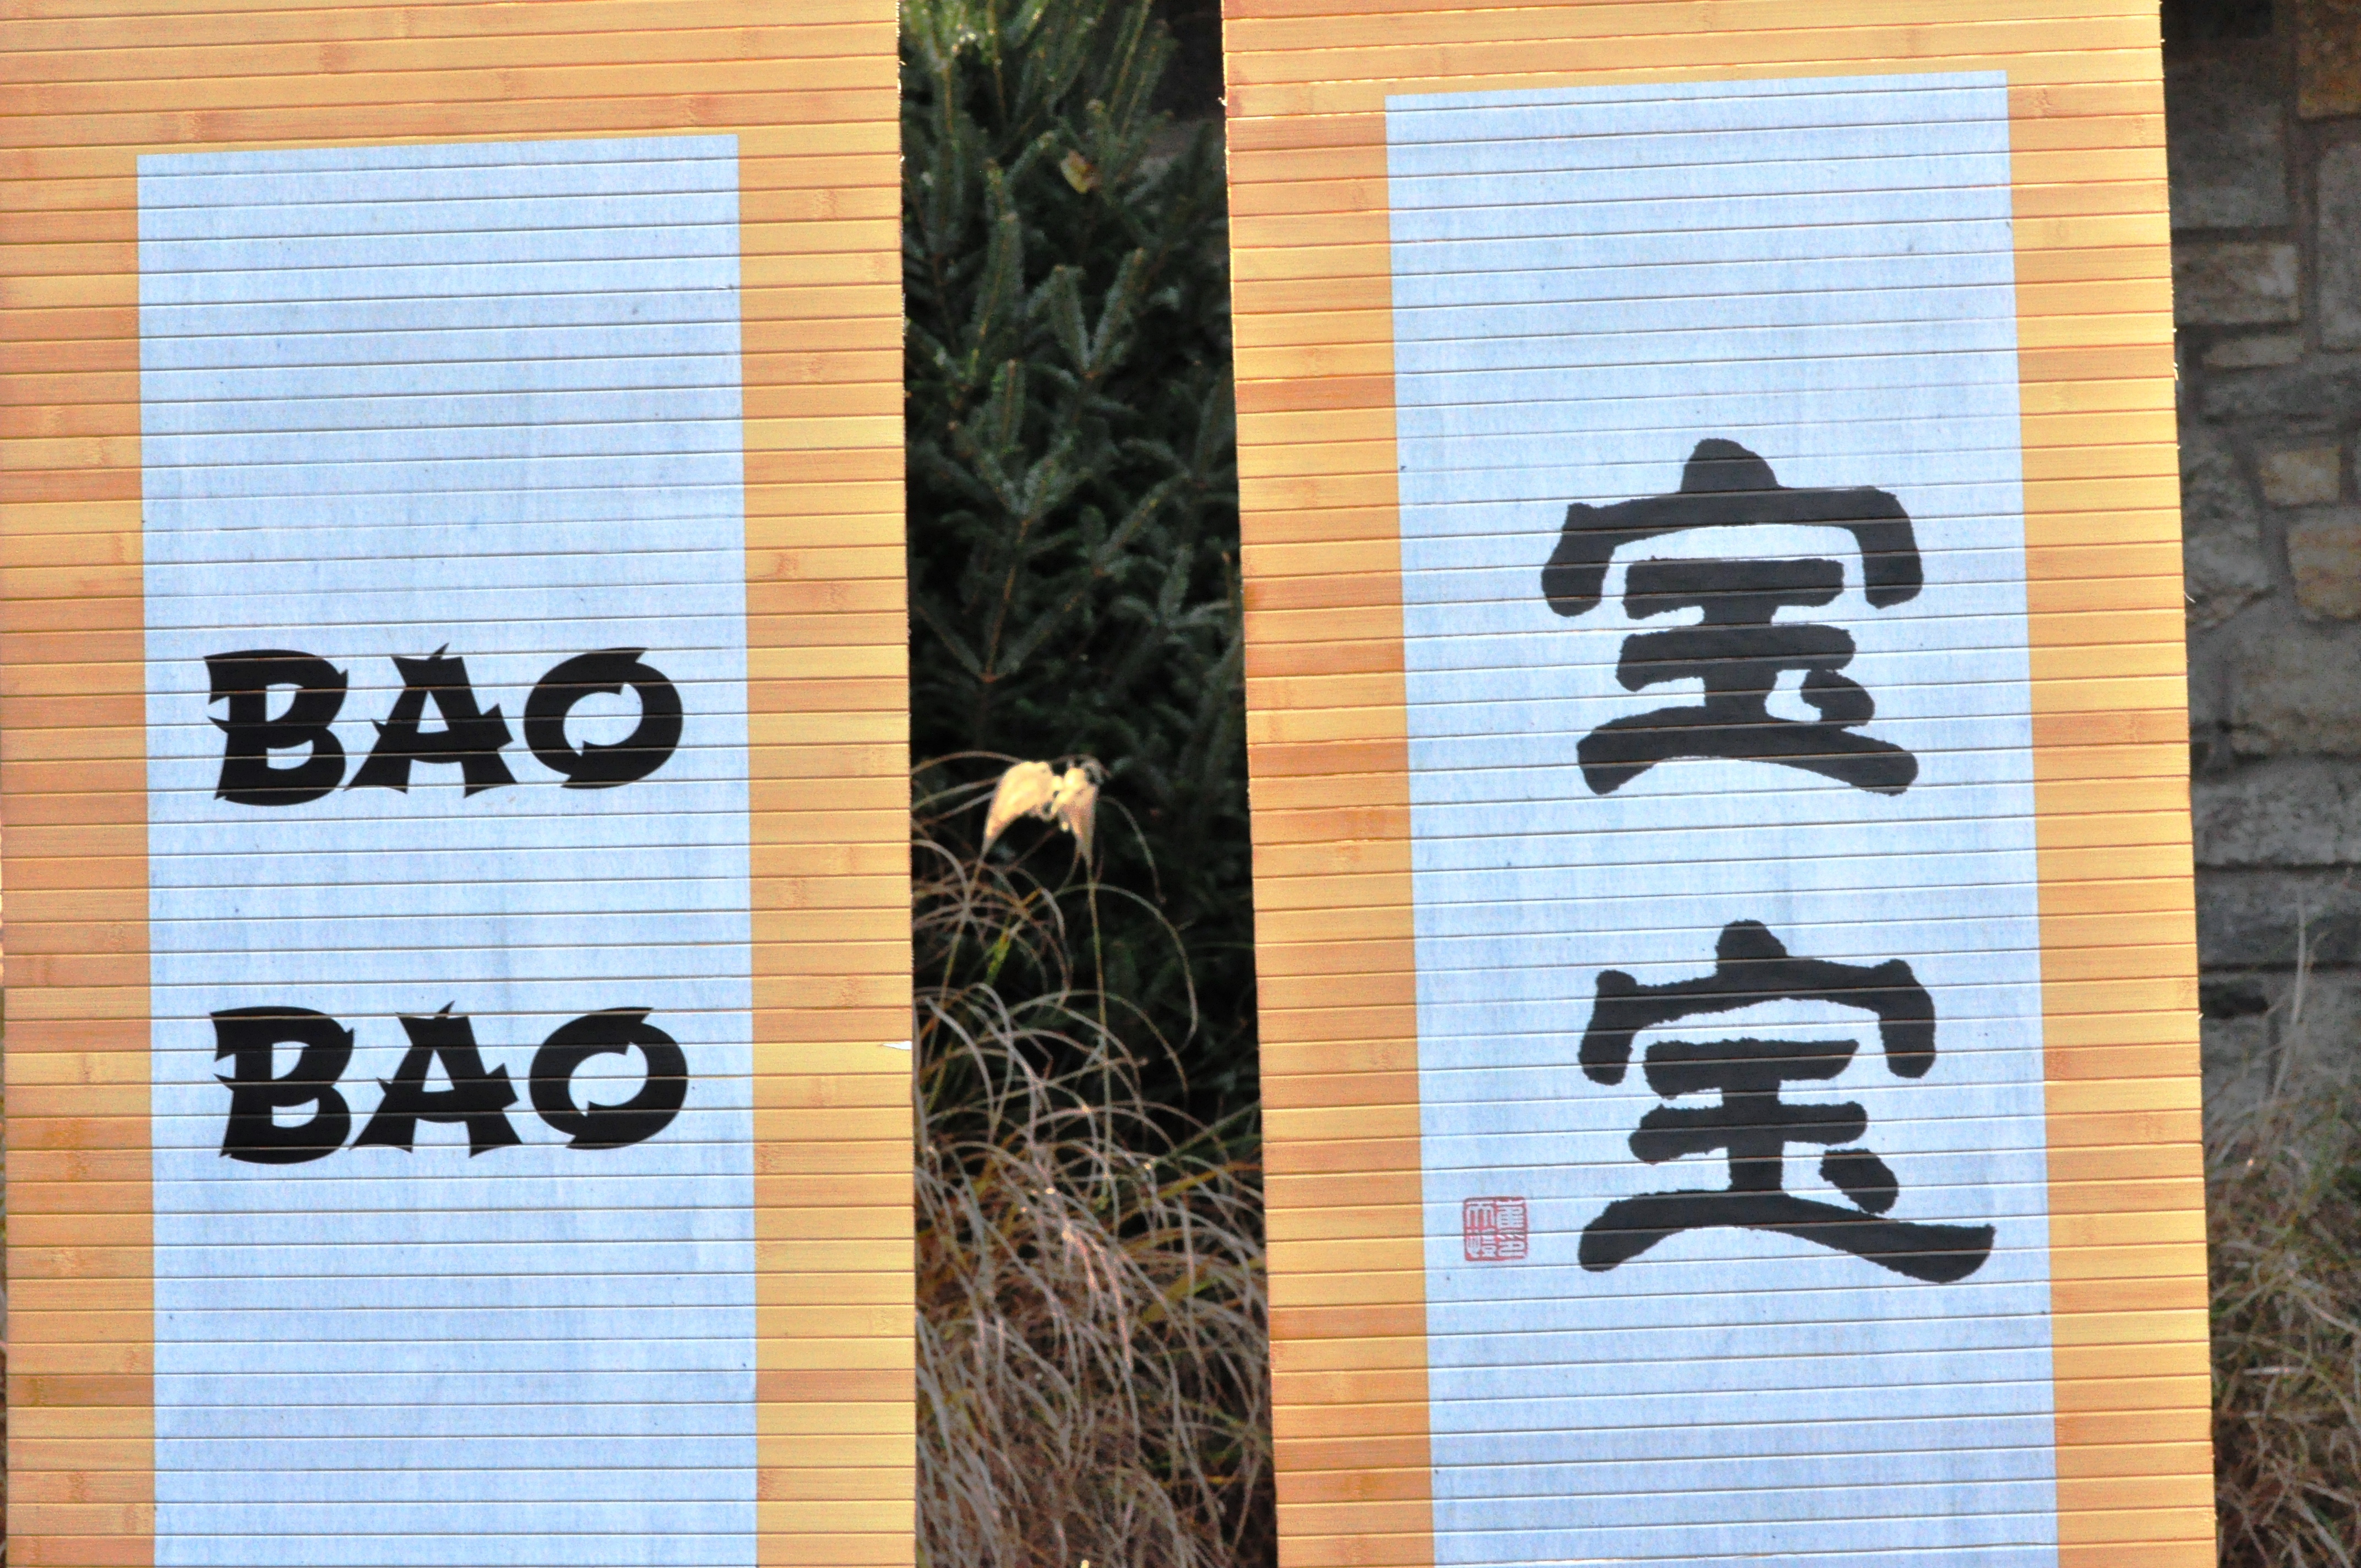 Bao Bao's Name